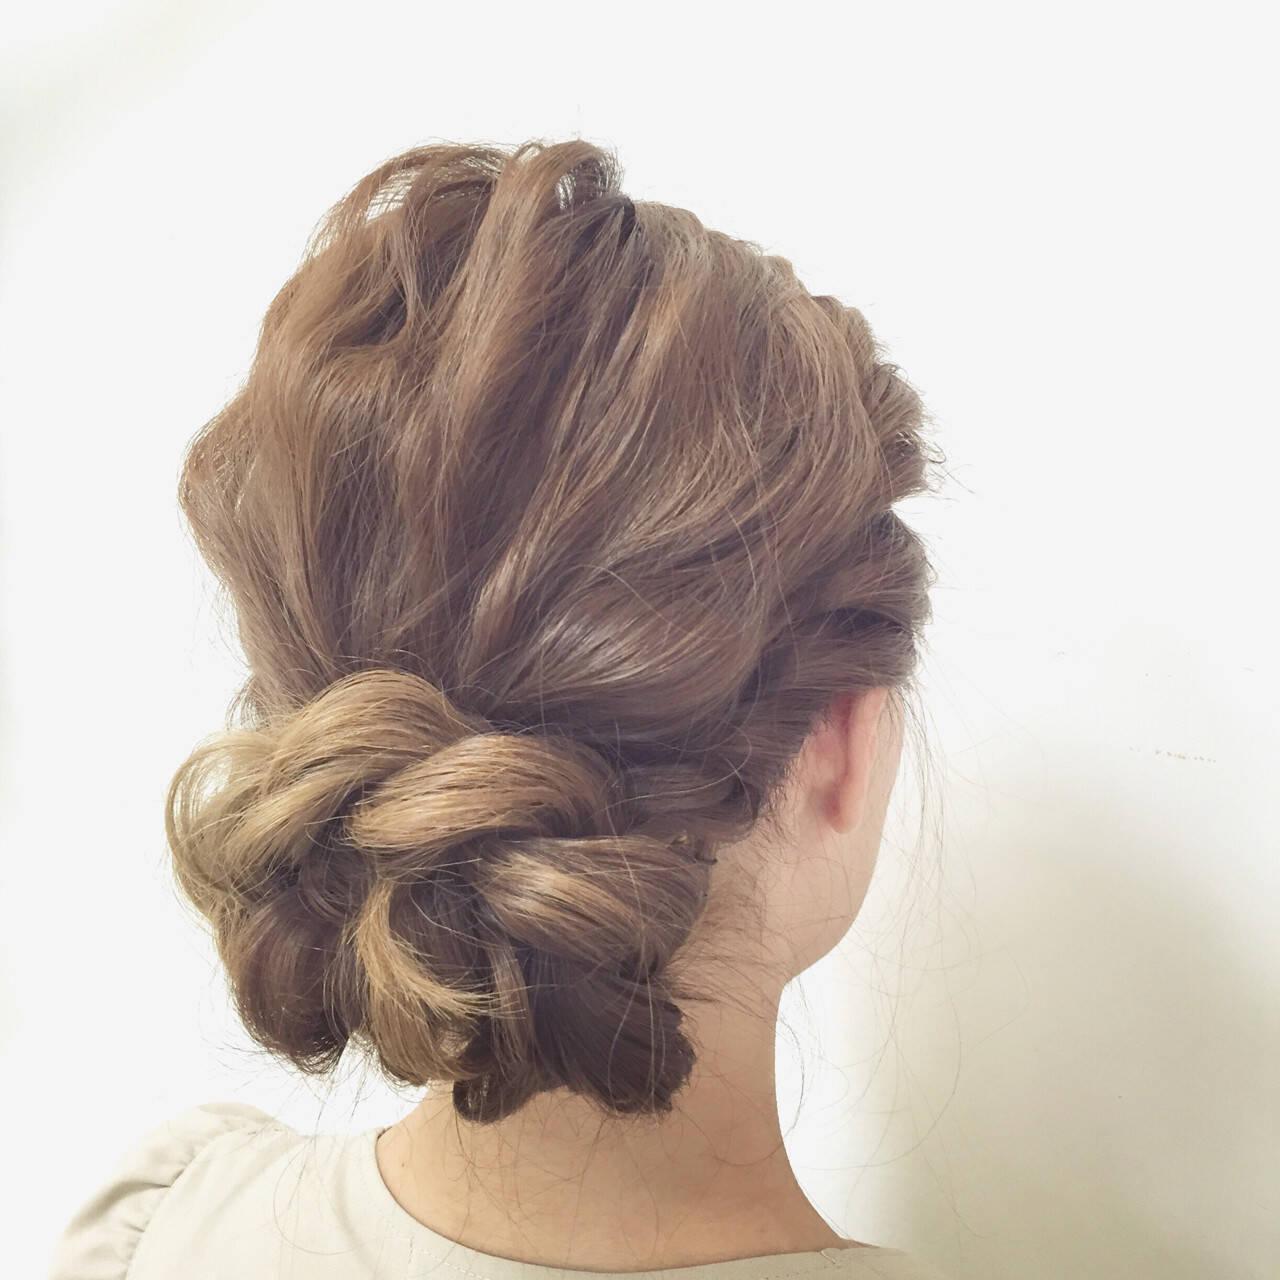 ヘアアレンジ 愛され 波ウェーブ ロングヘアスタイルや髪型の写真・画像